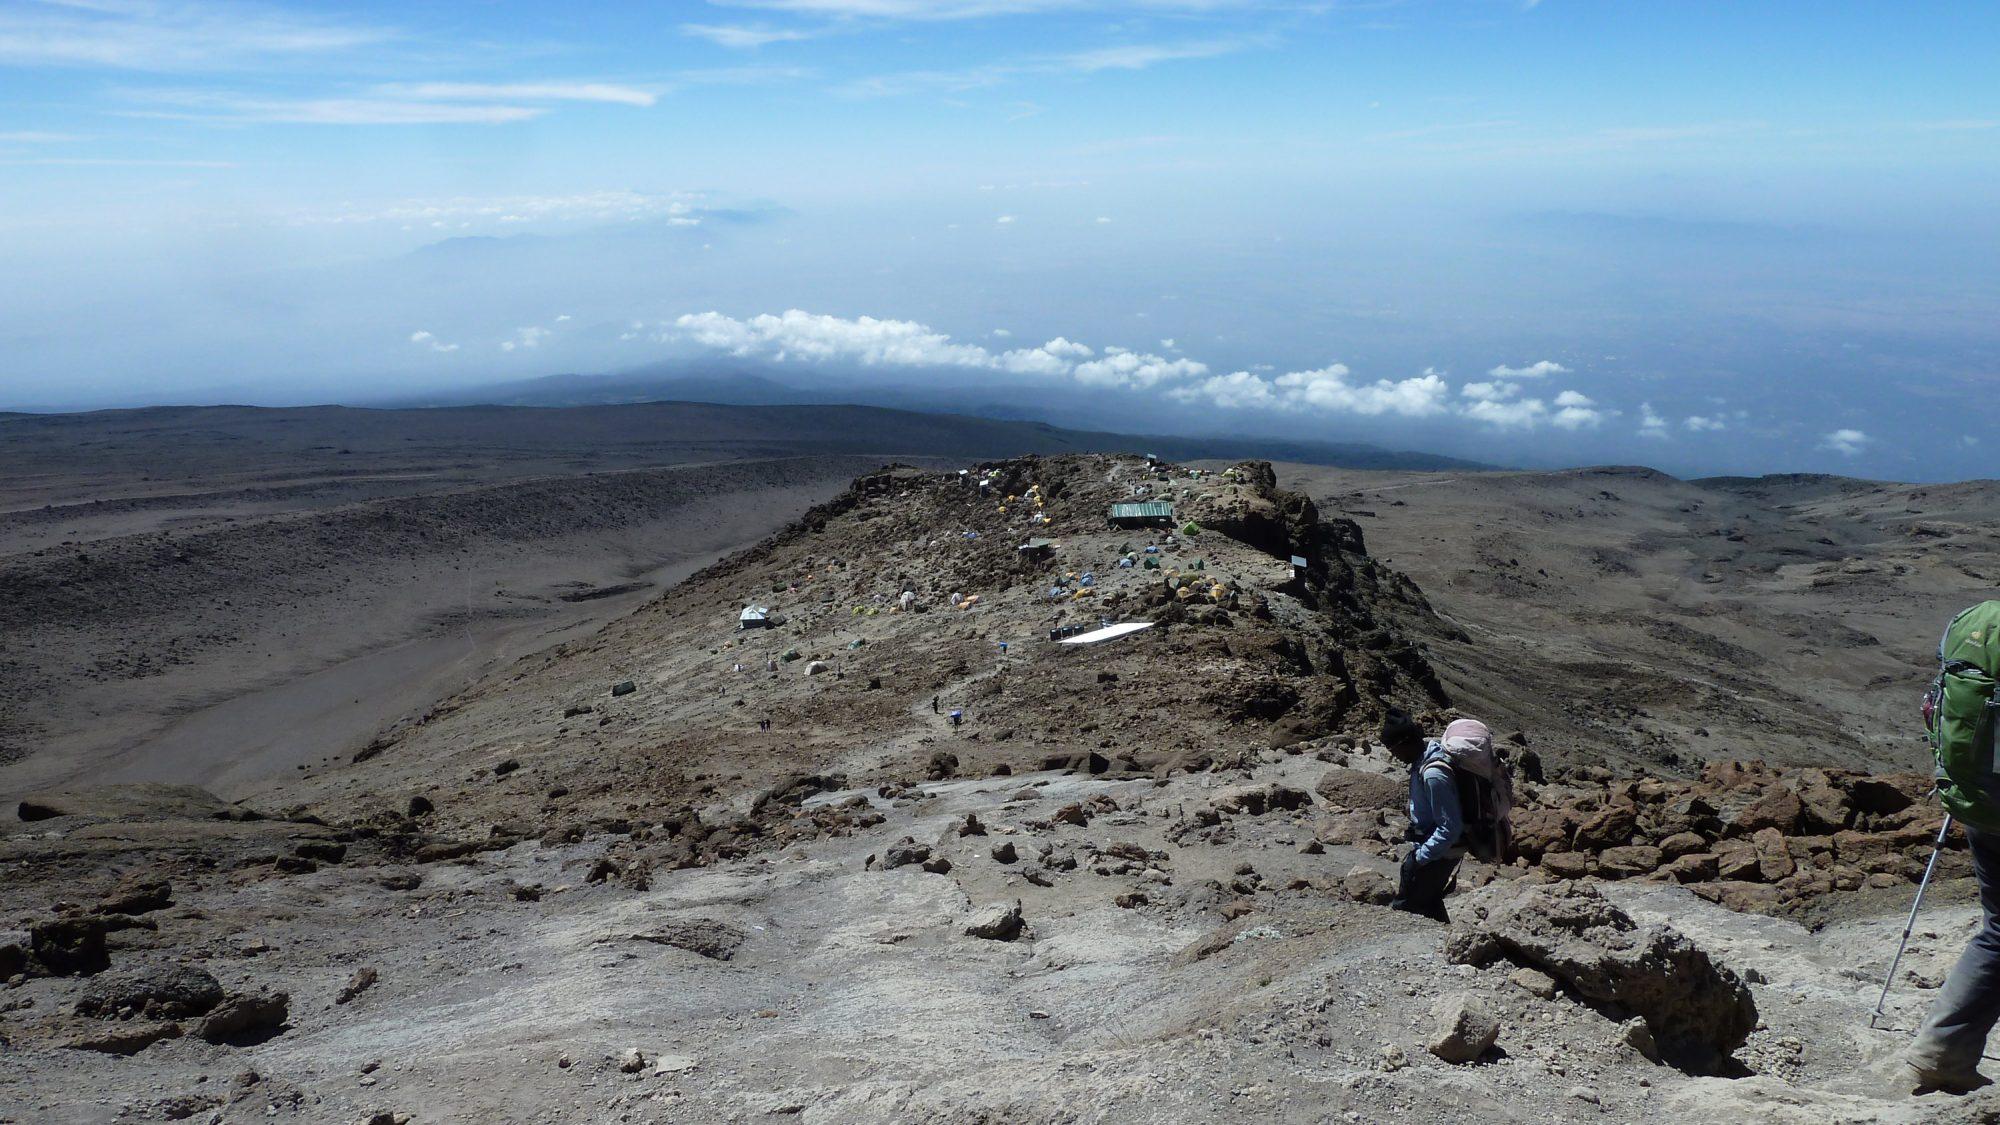 Abstieg zum Barafu Camp, Kilimandscharo, Kilimandscharo besteigen, Tansania, Afrika, Kilimandscharo Tour, Erfahrungsbericht, Machame Route